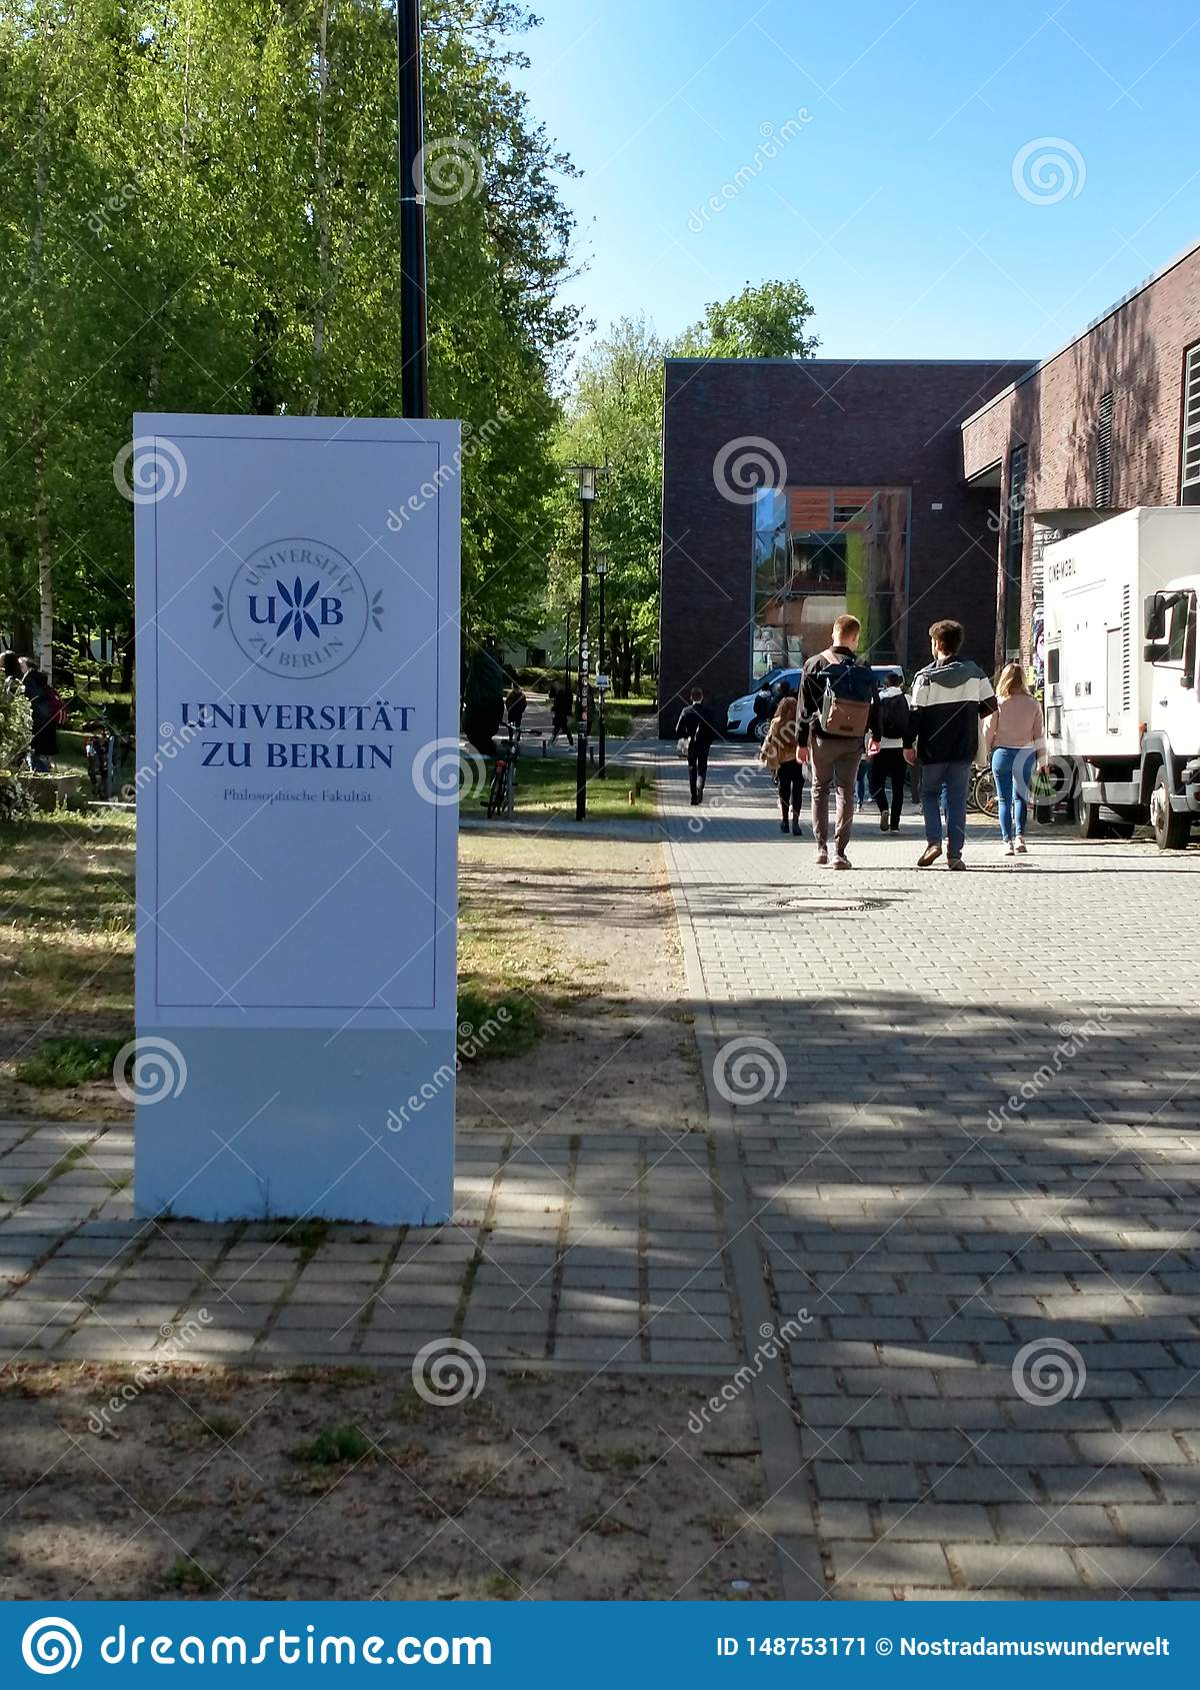 Zu Berlín de Universitaet